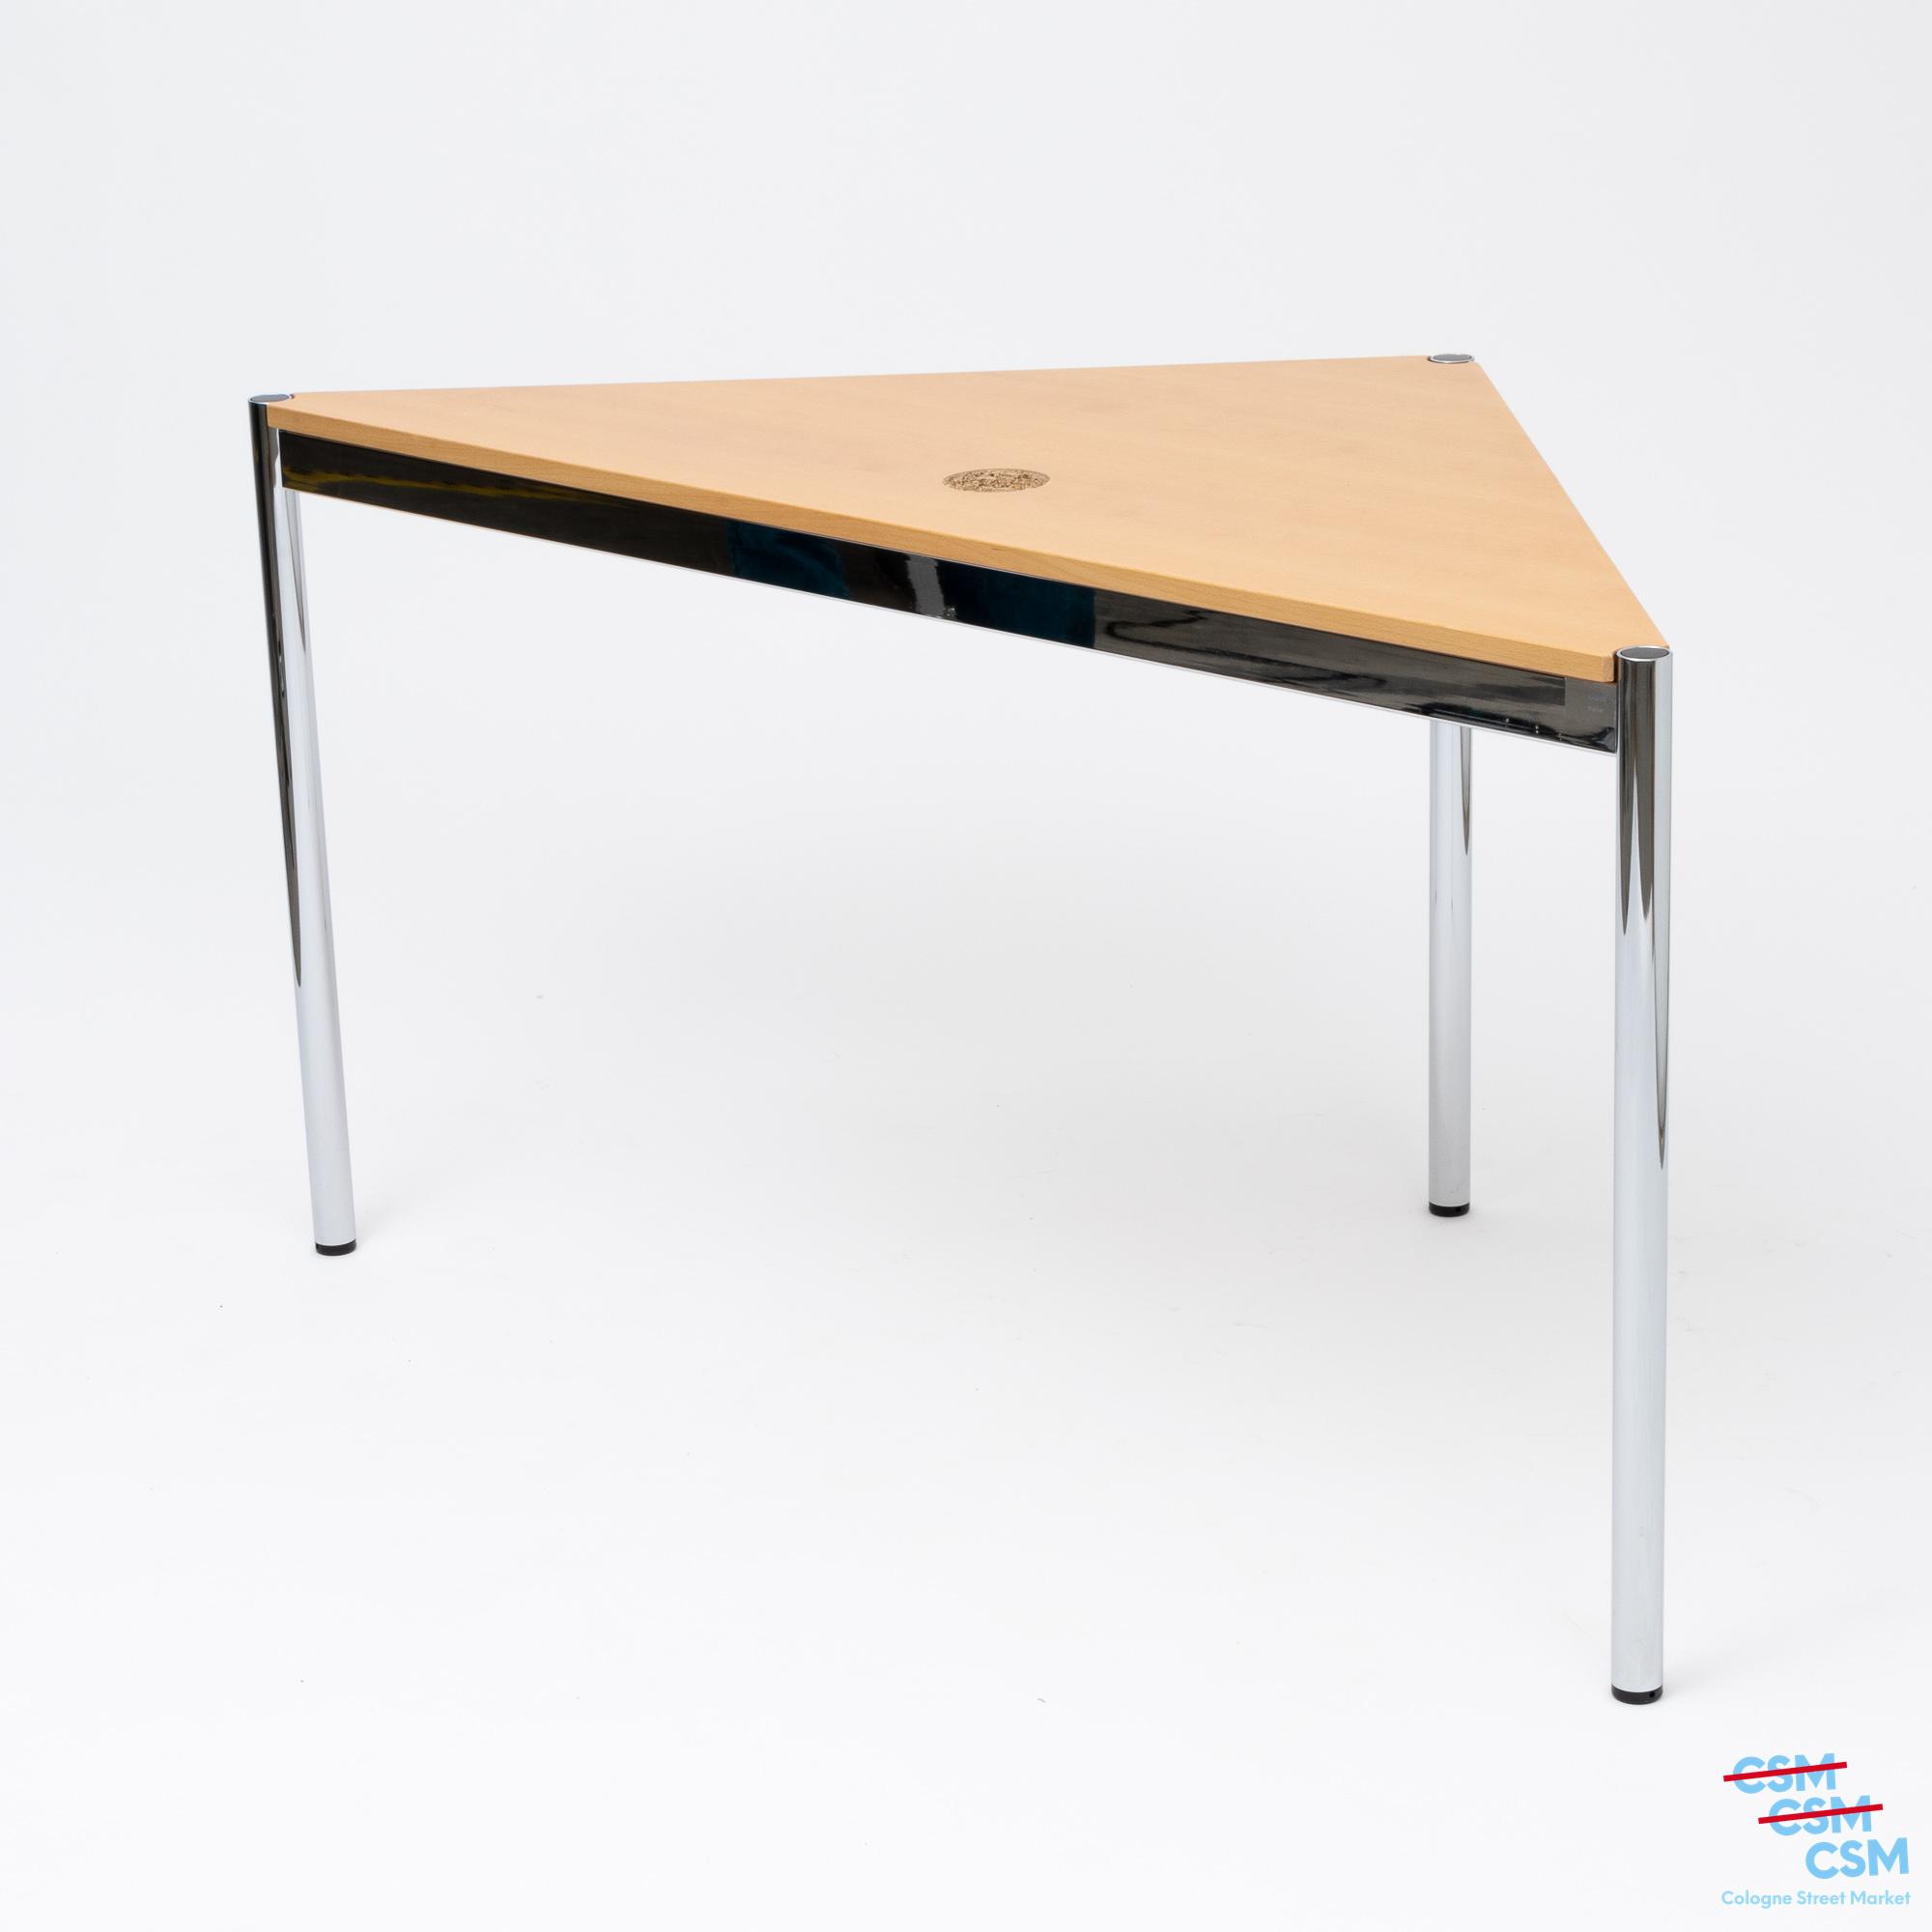 USM Haller Tisch dreieckig mit Loch Buche gebraucht 1